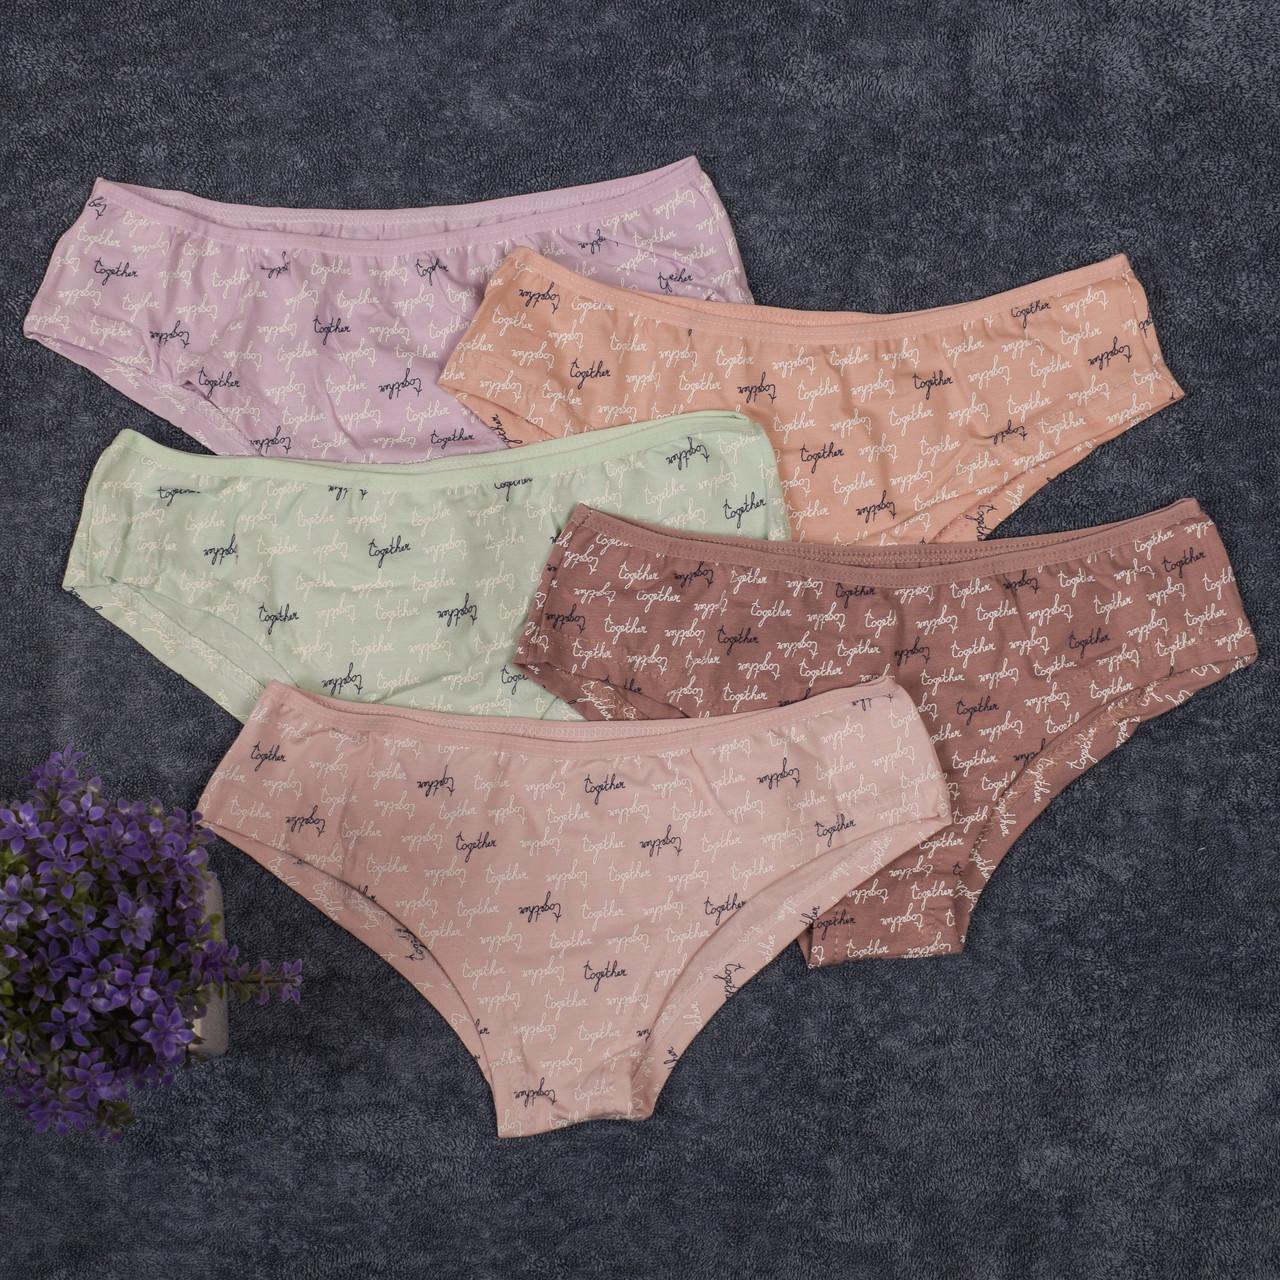 Женское нижнее белье. Donella 39475 L. Размер 46-48. В упаковке 5 шт.